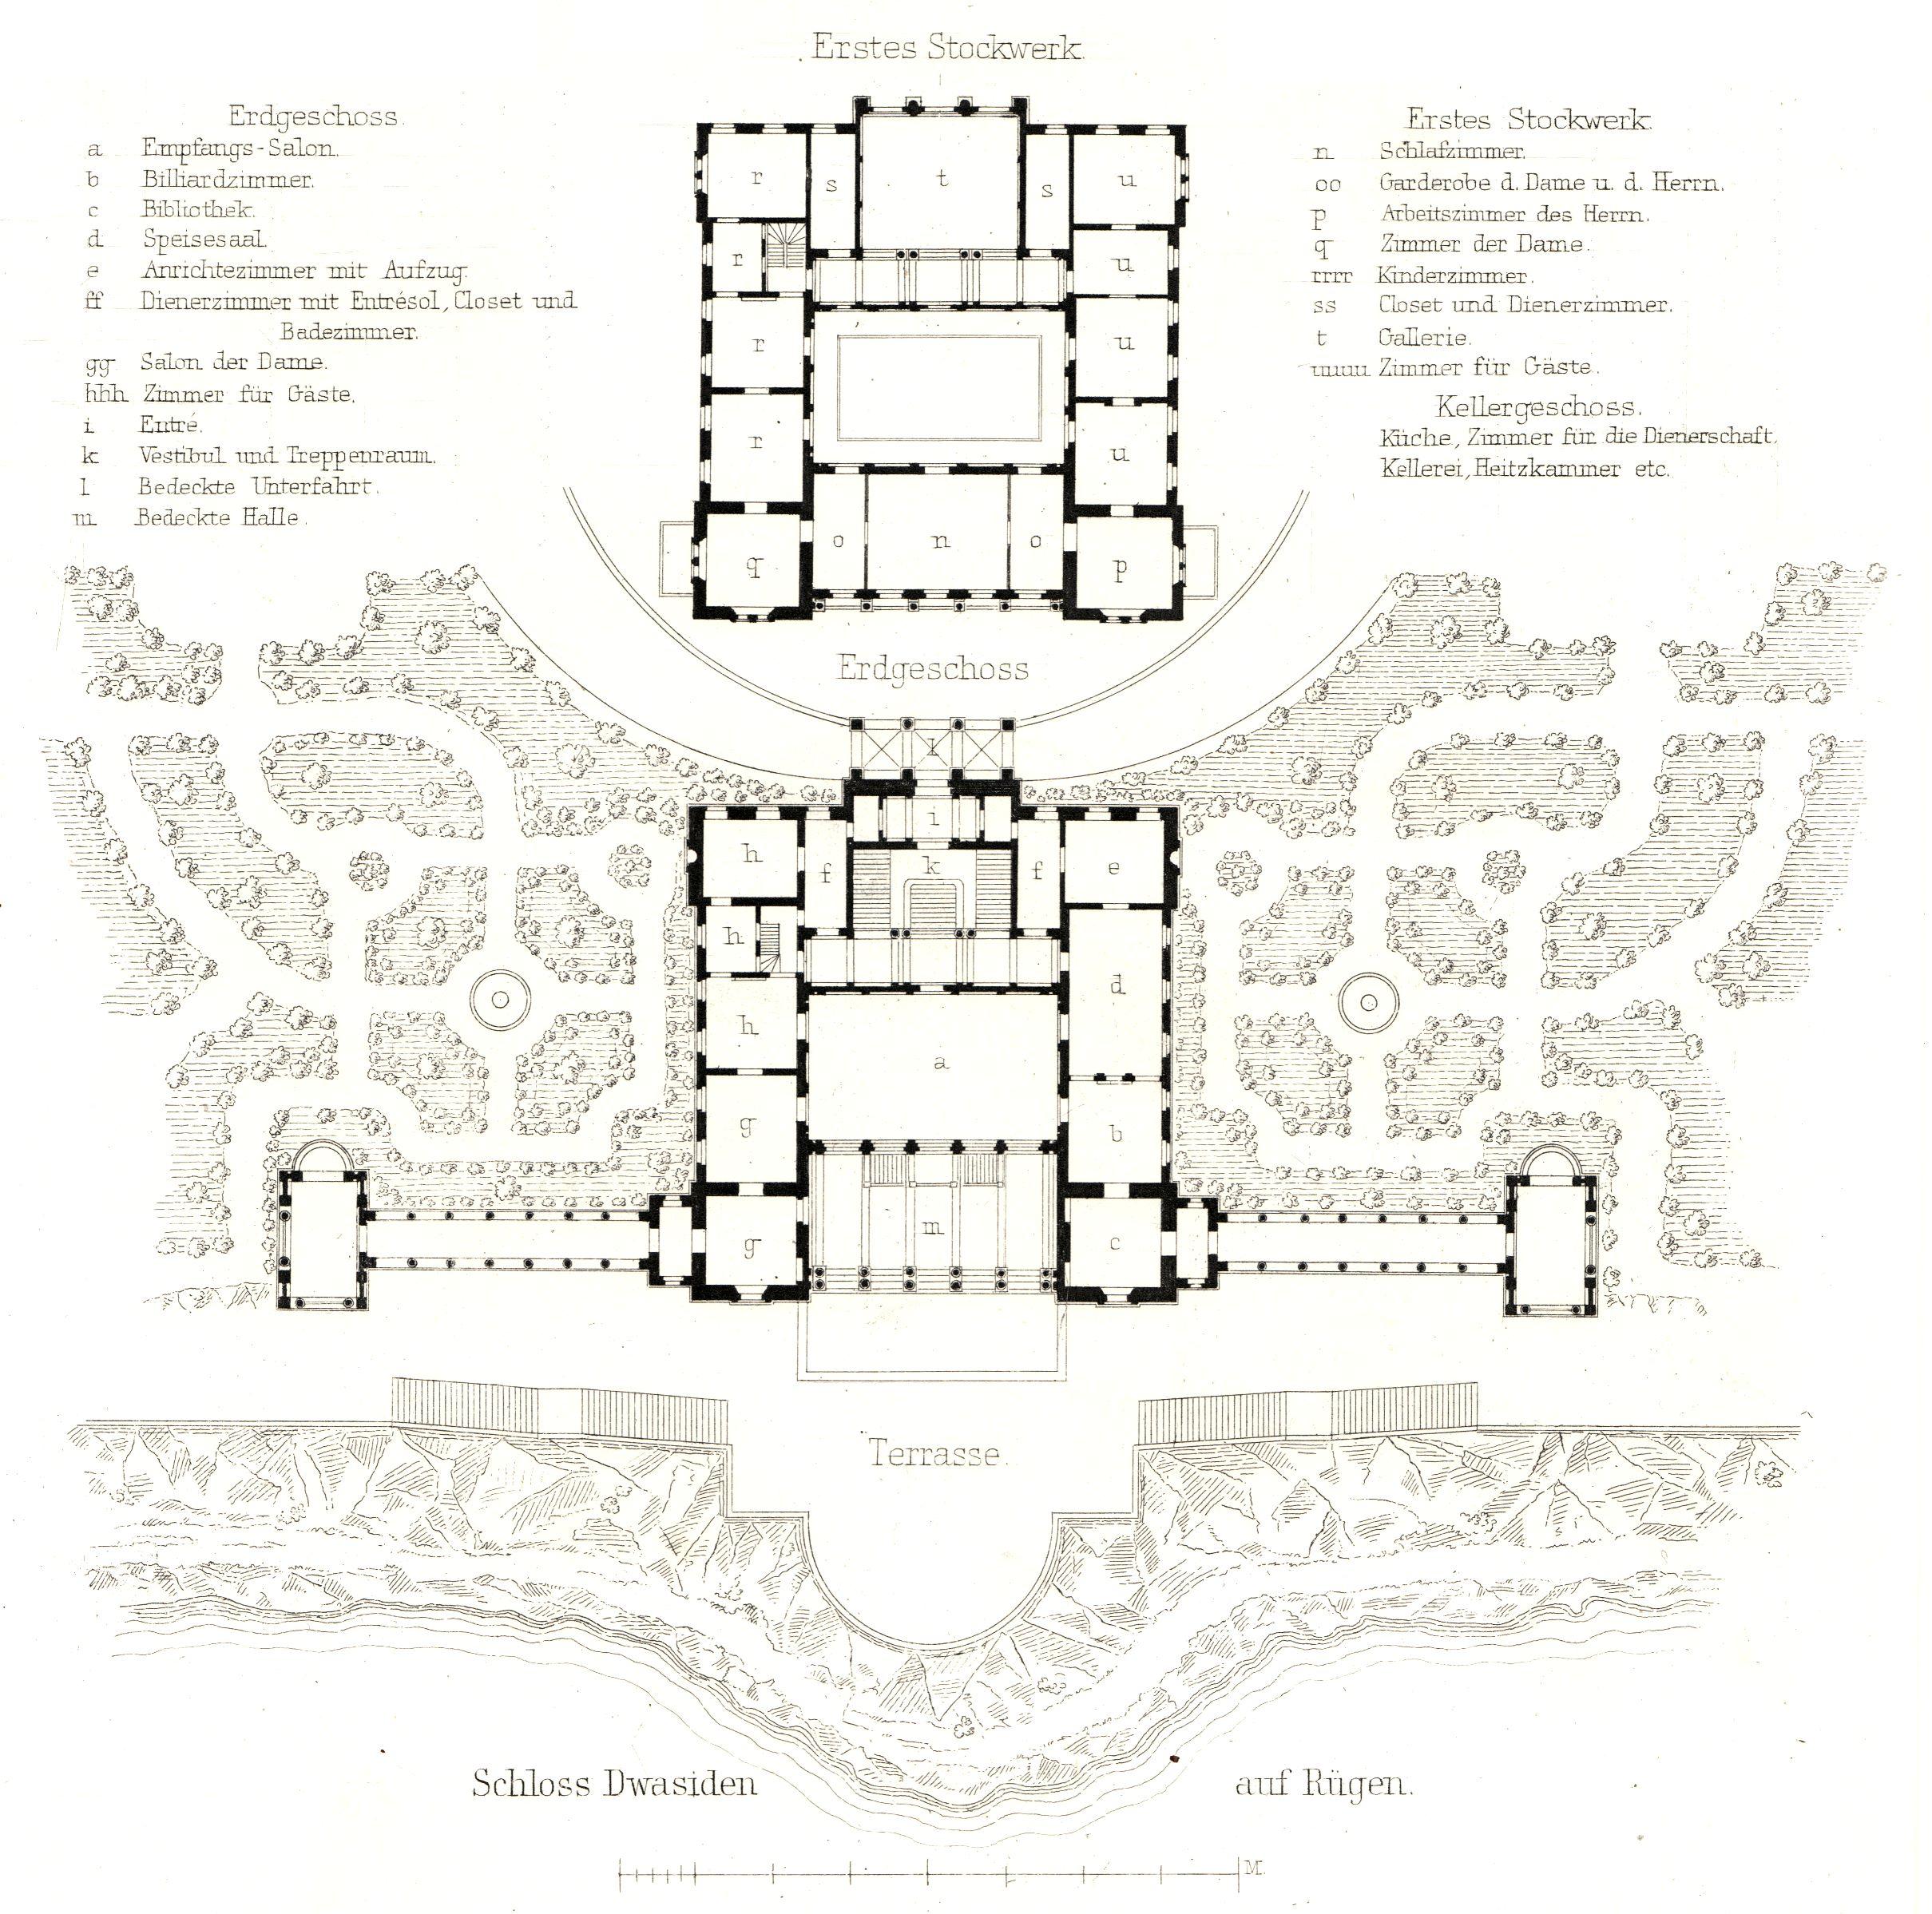 Goldschmiede herrenhaus erdgeschoss grundriss